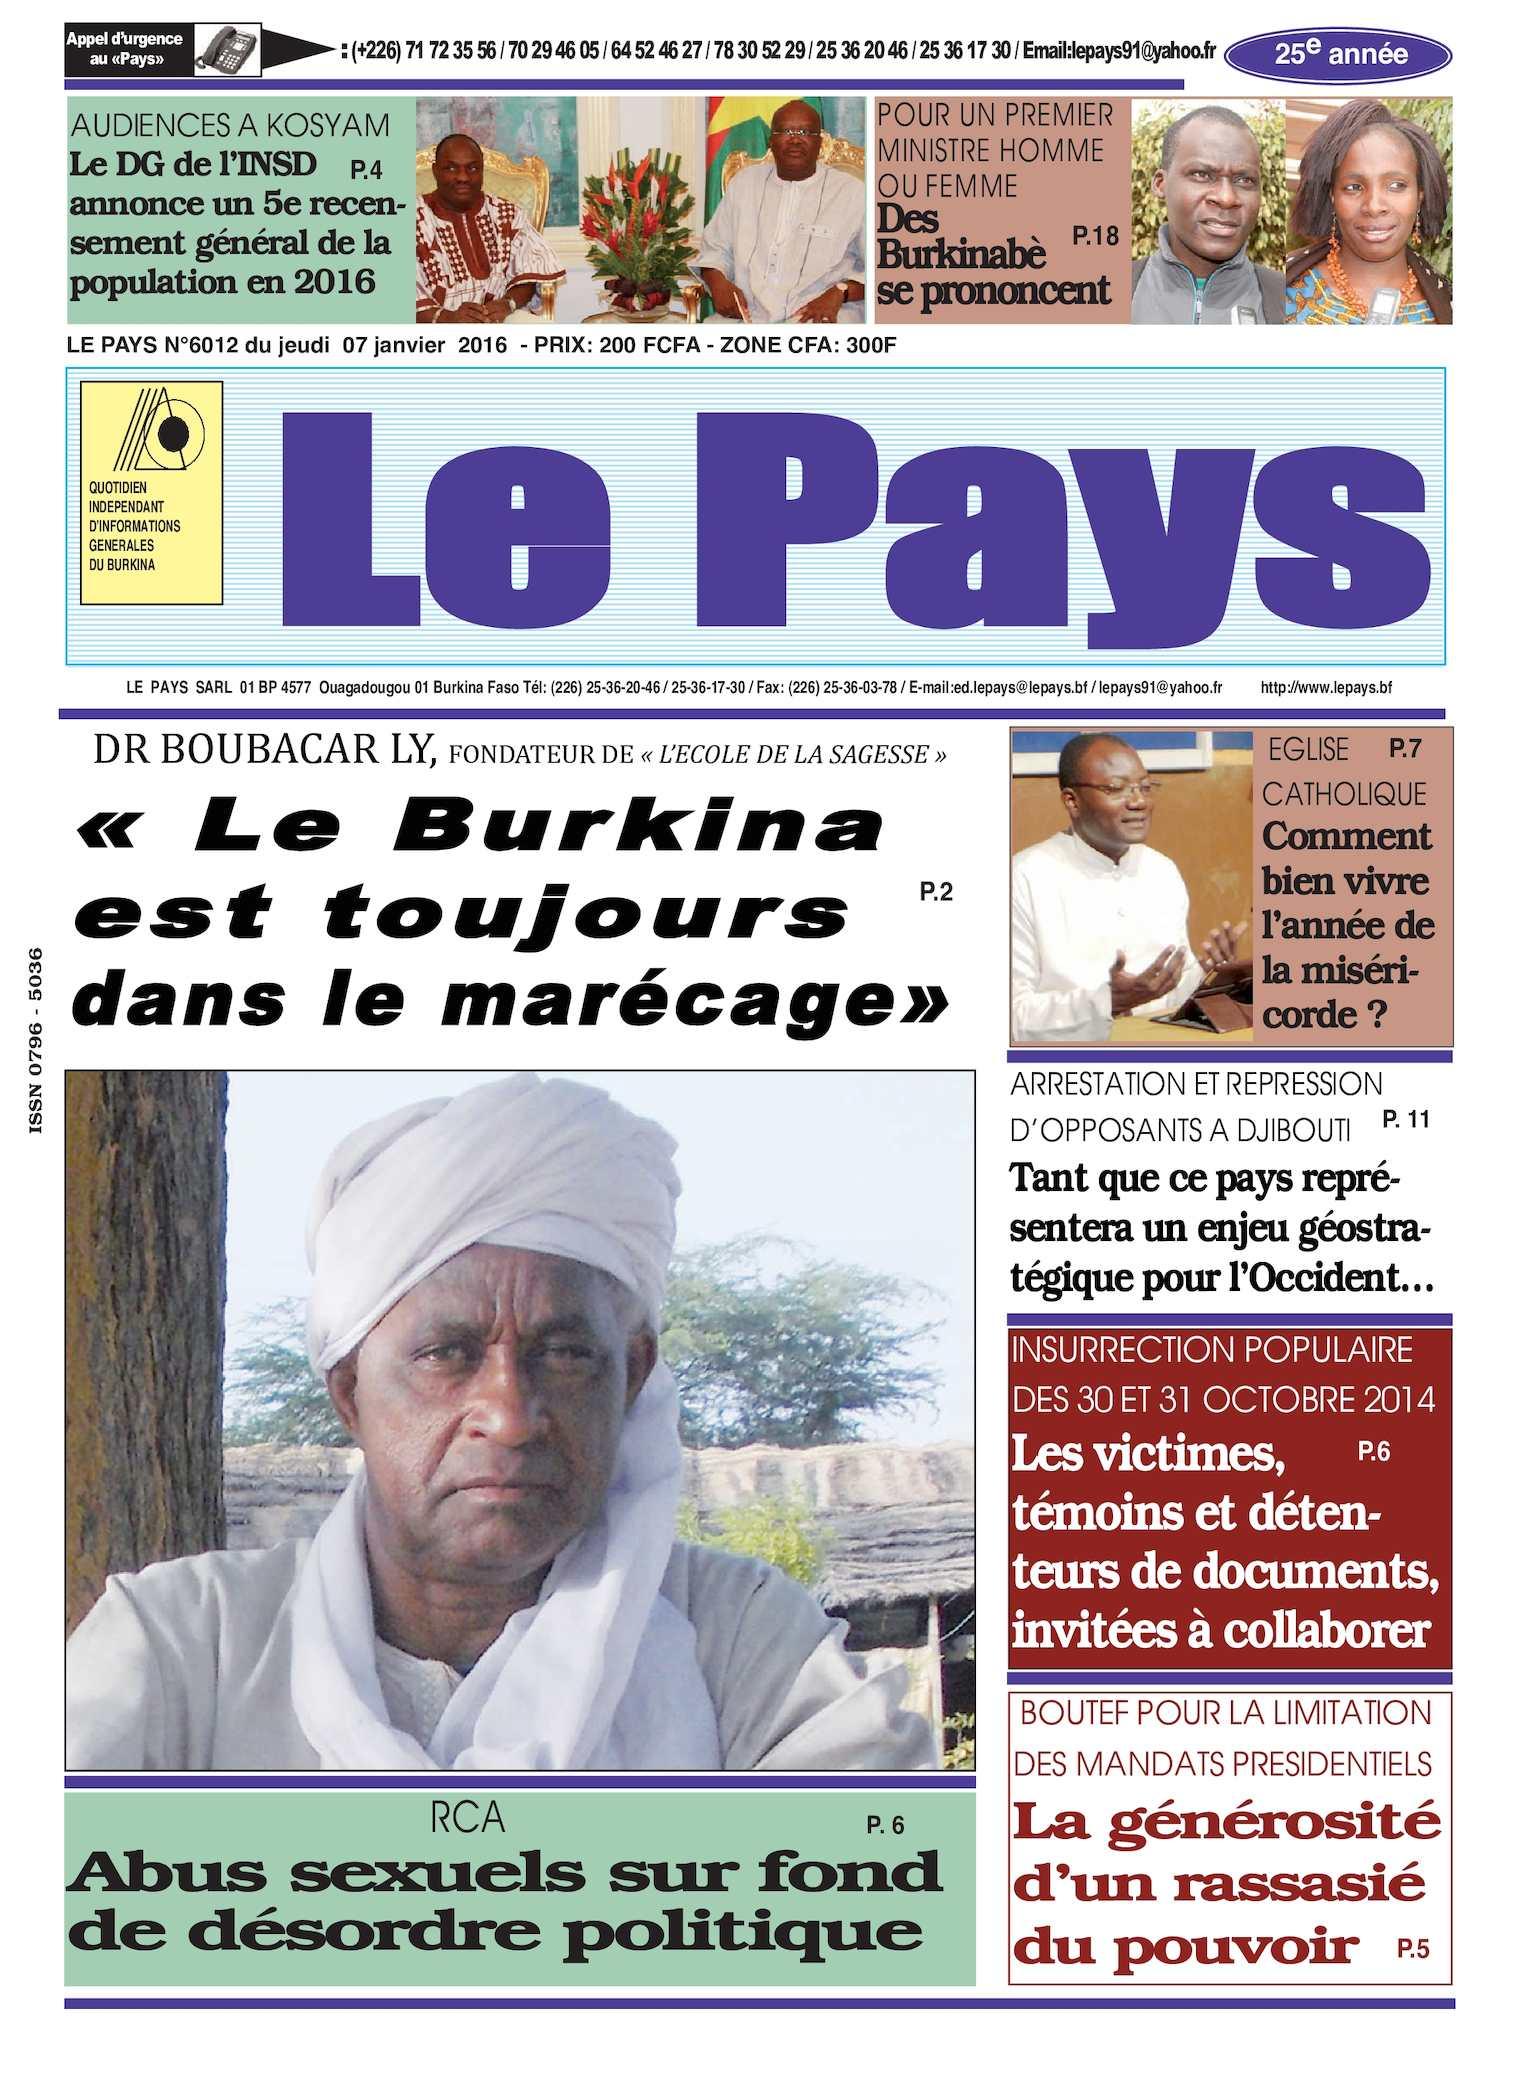 Prostitution à Ouagadougou : Ces « tanties choco » qui ravissent la vedette aux jeunes filles